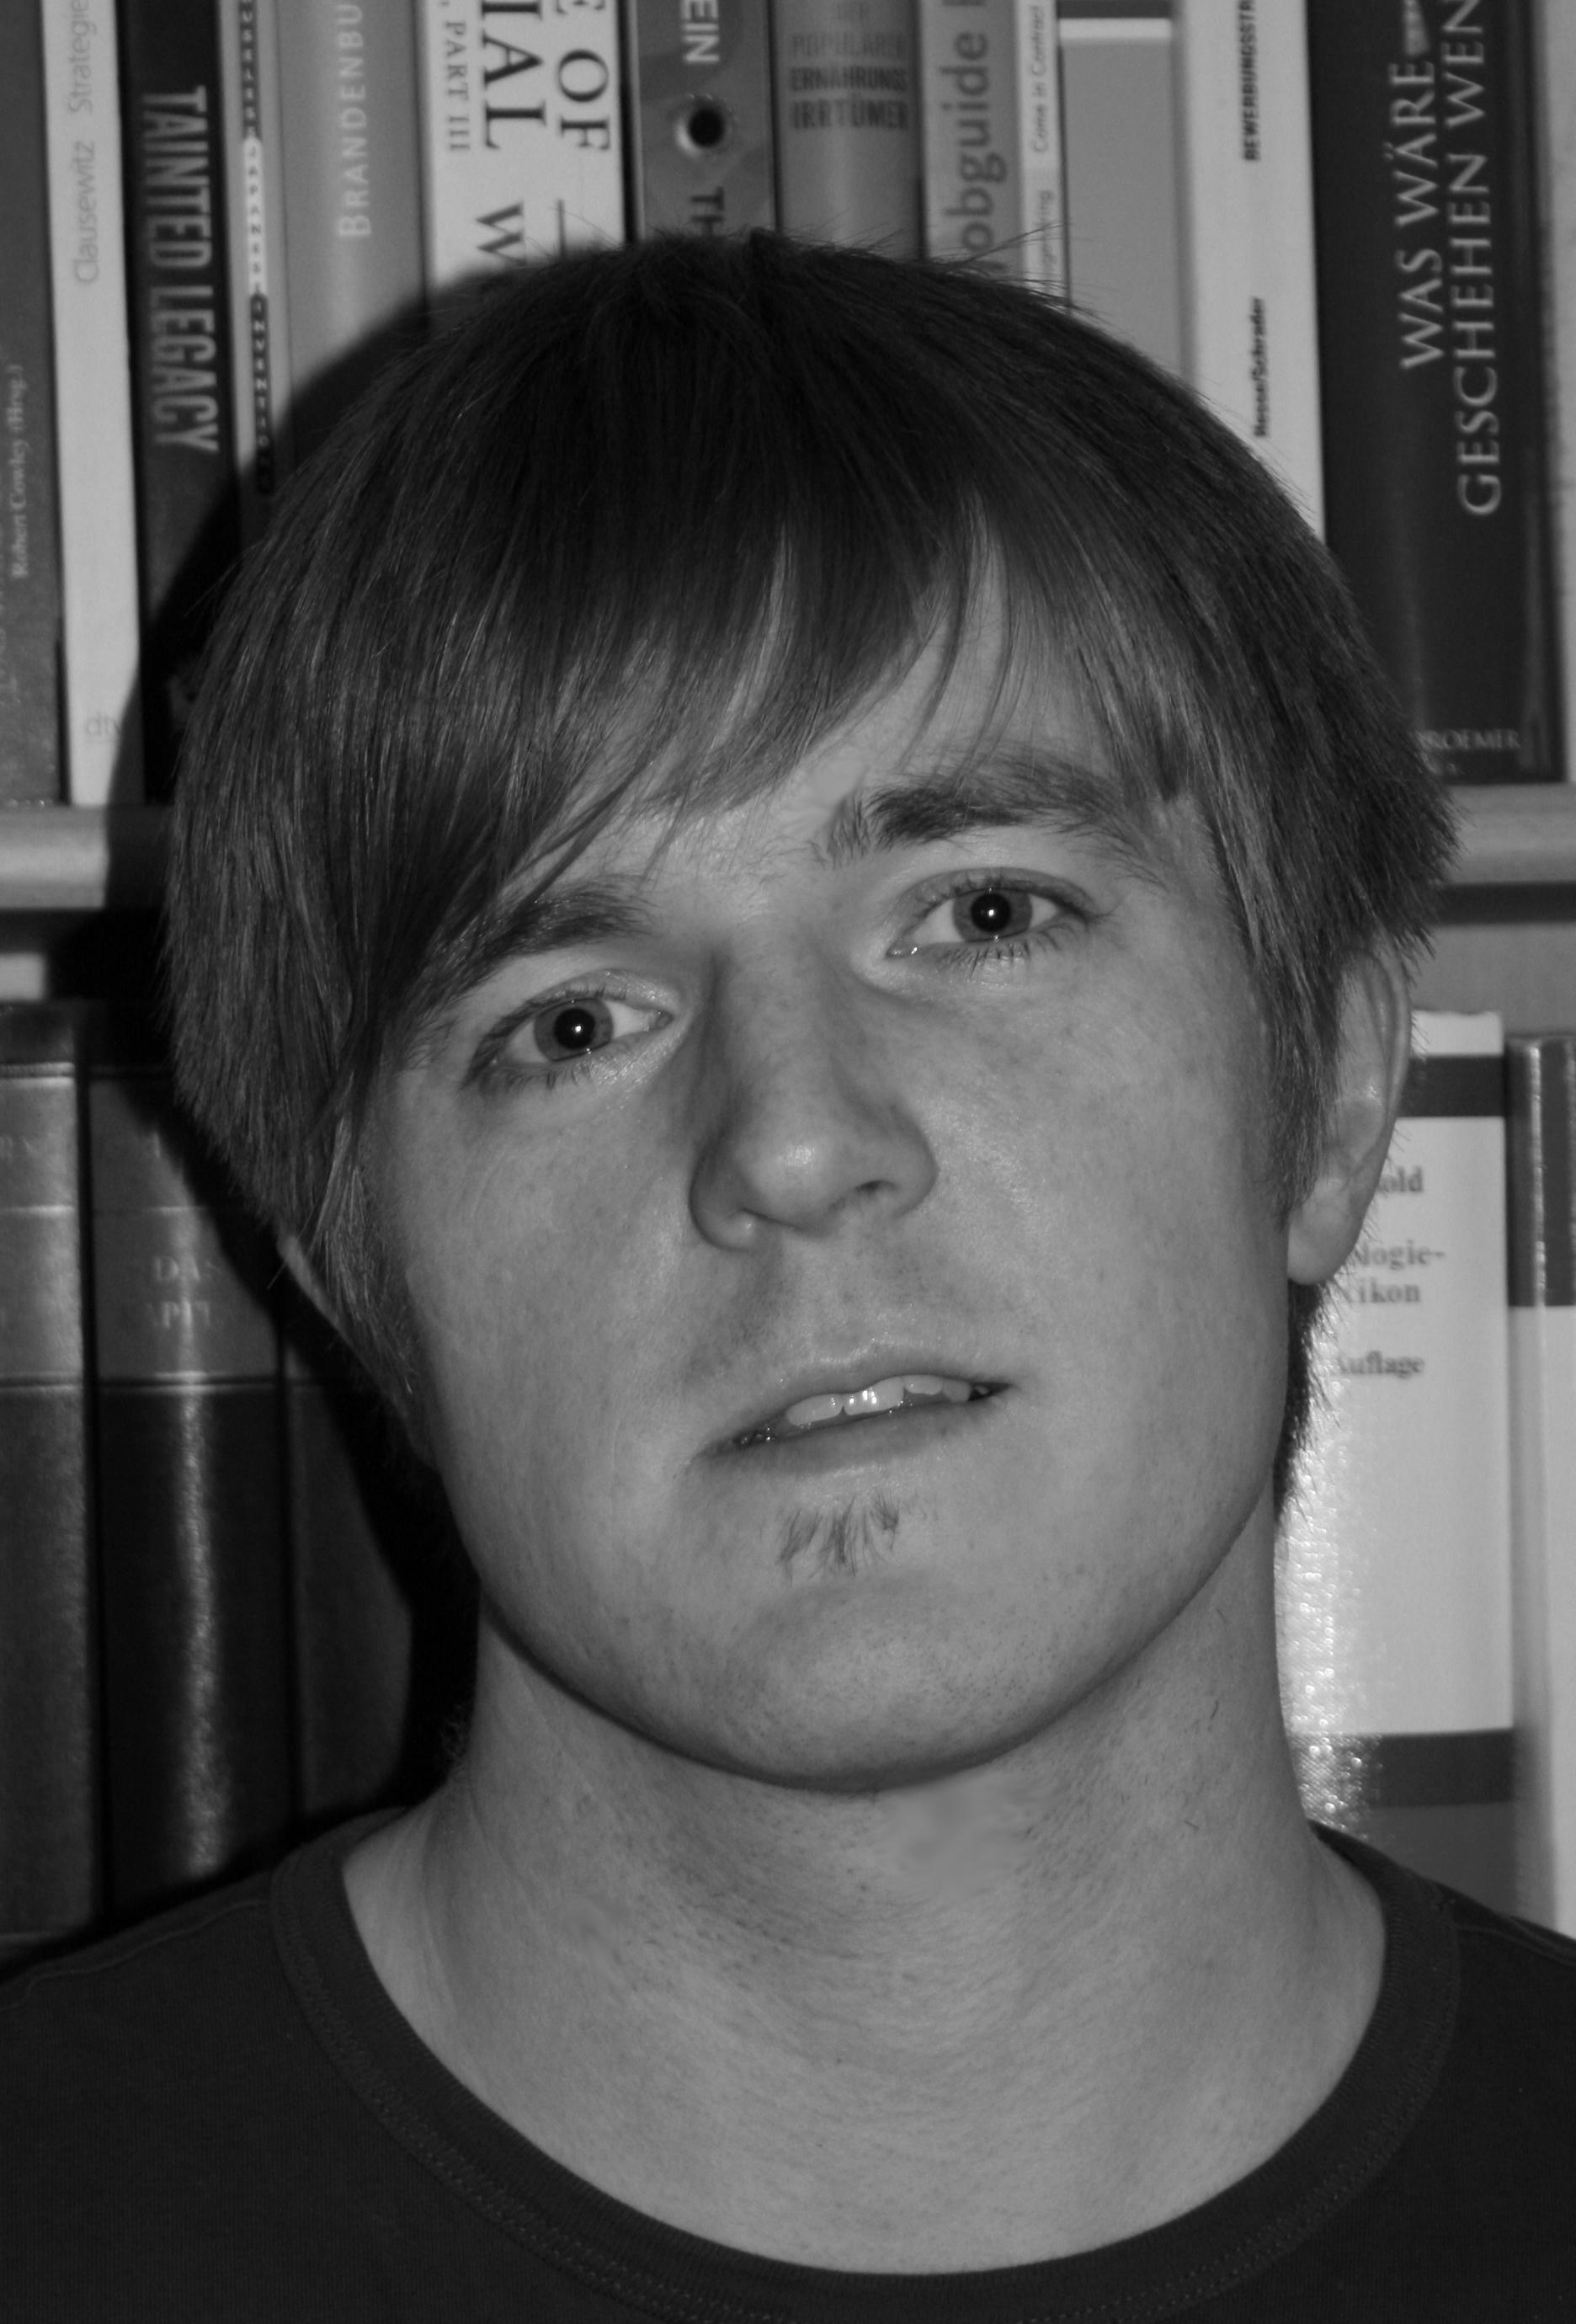 Matthias Laurisch